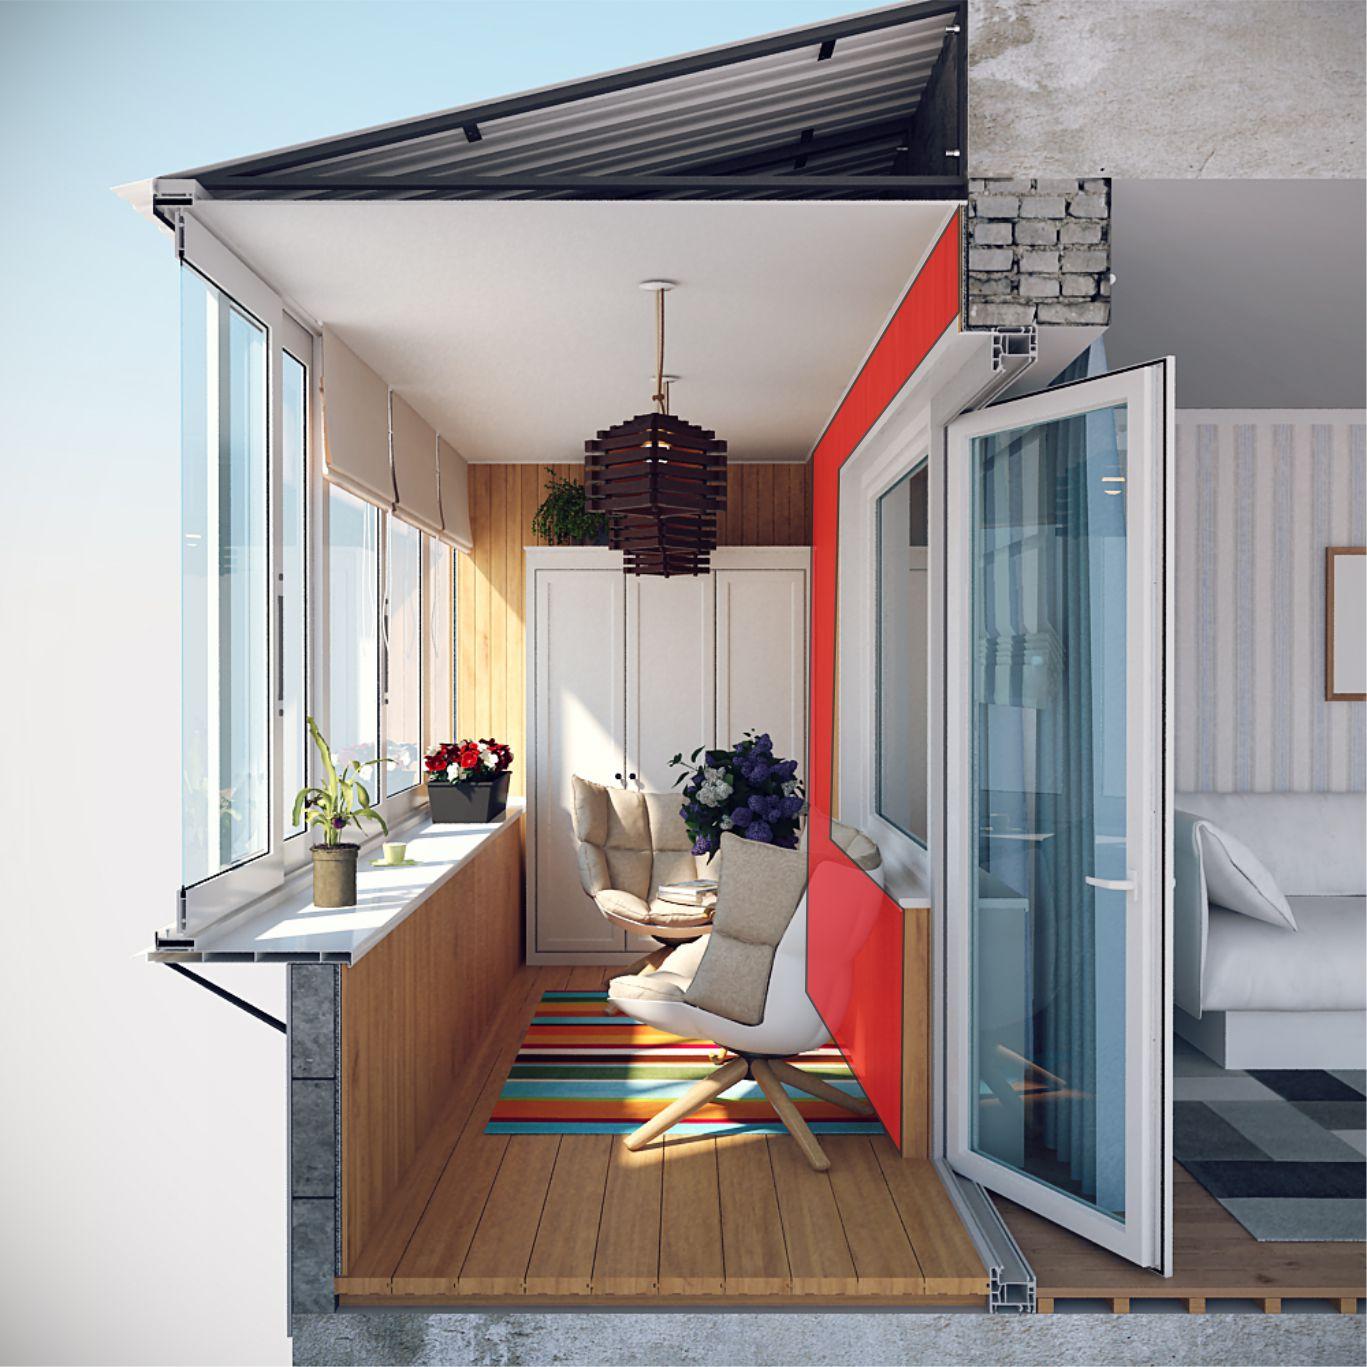 Остекление и отделка балкона под ключ от компании новые окна.